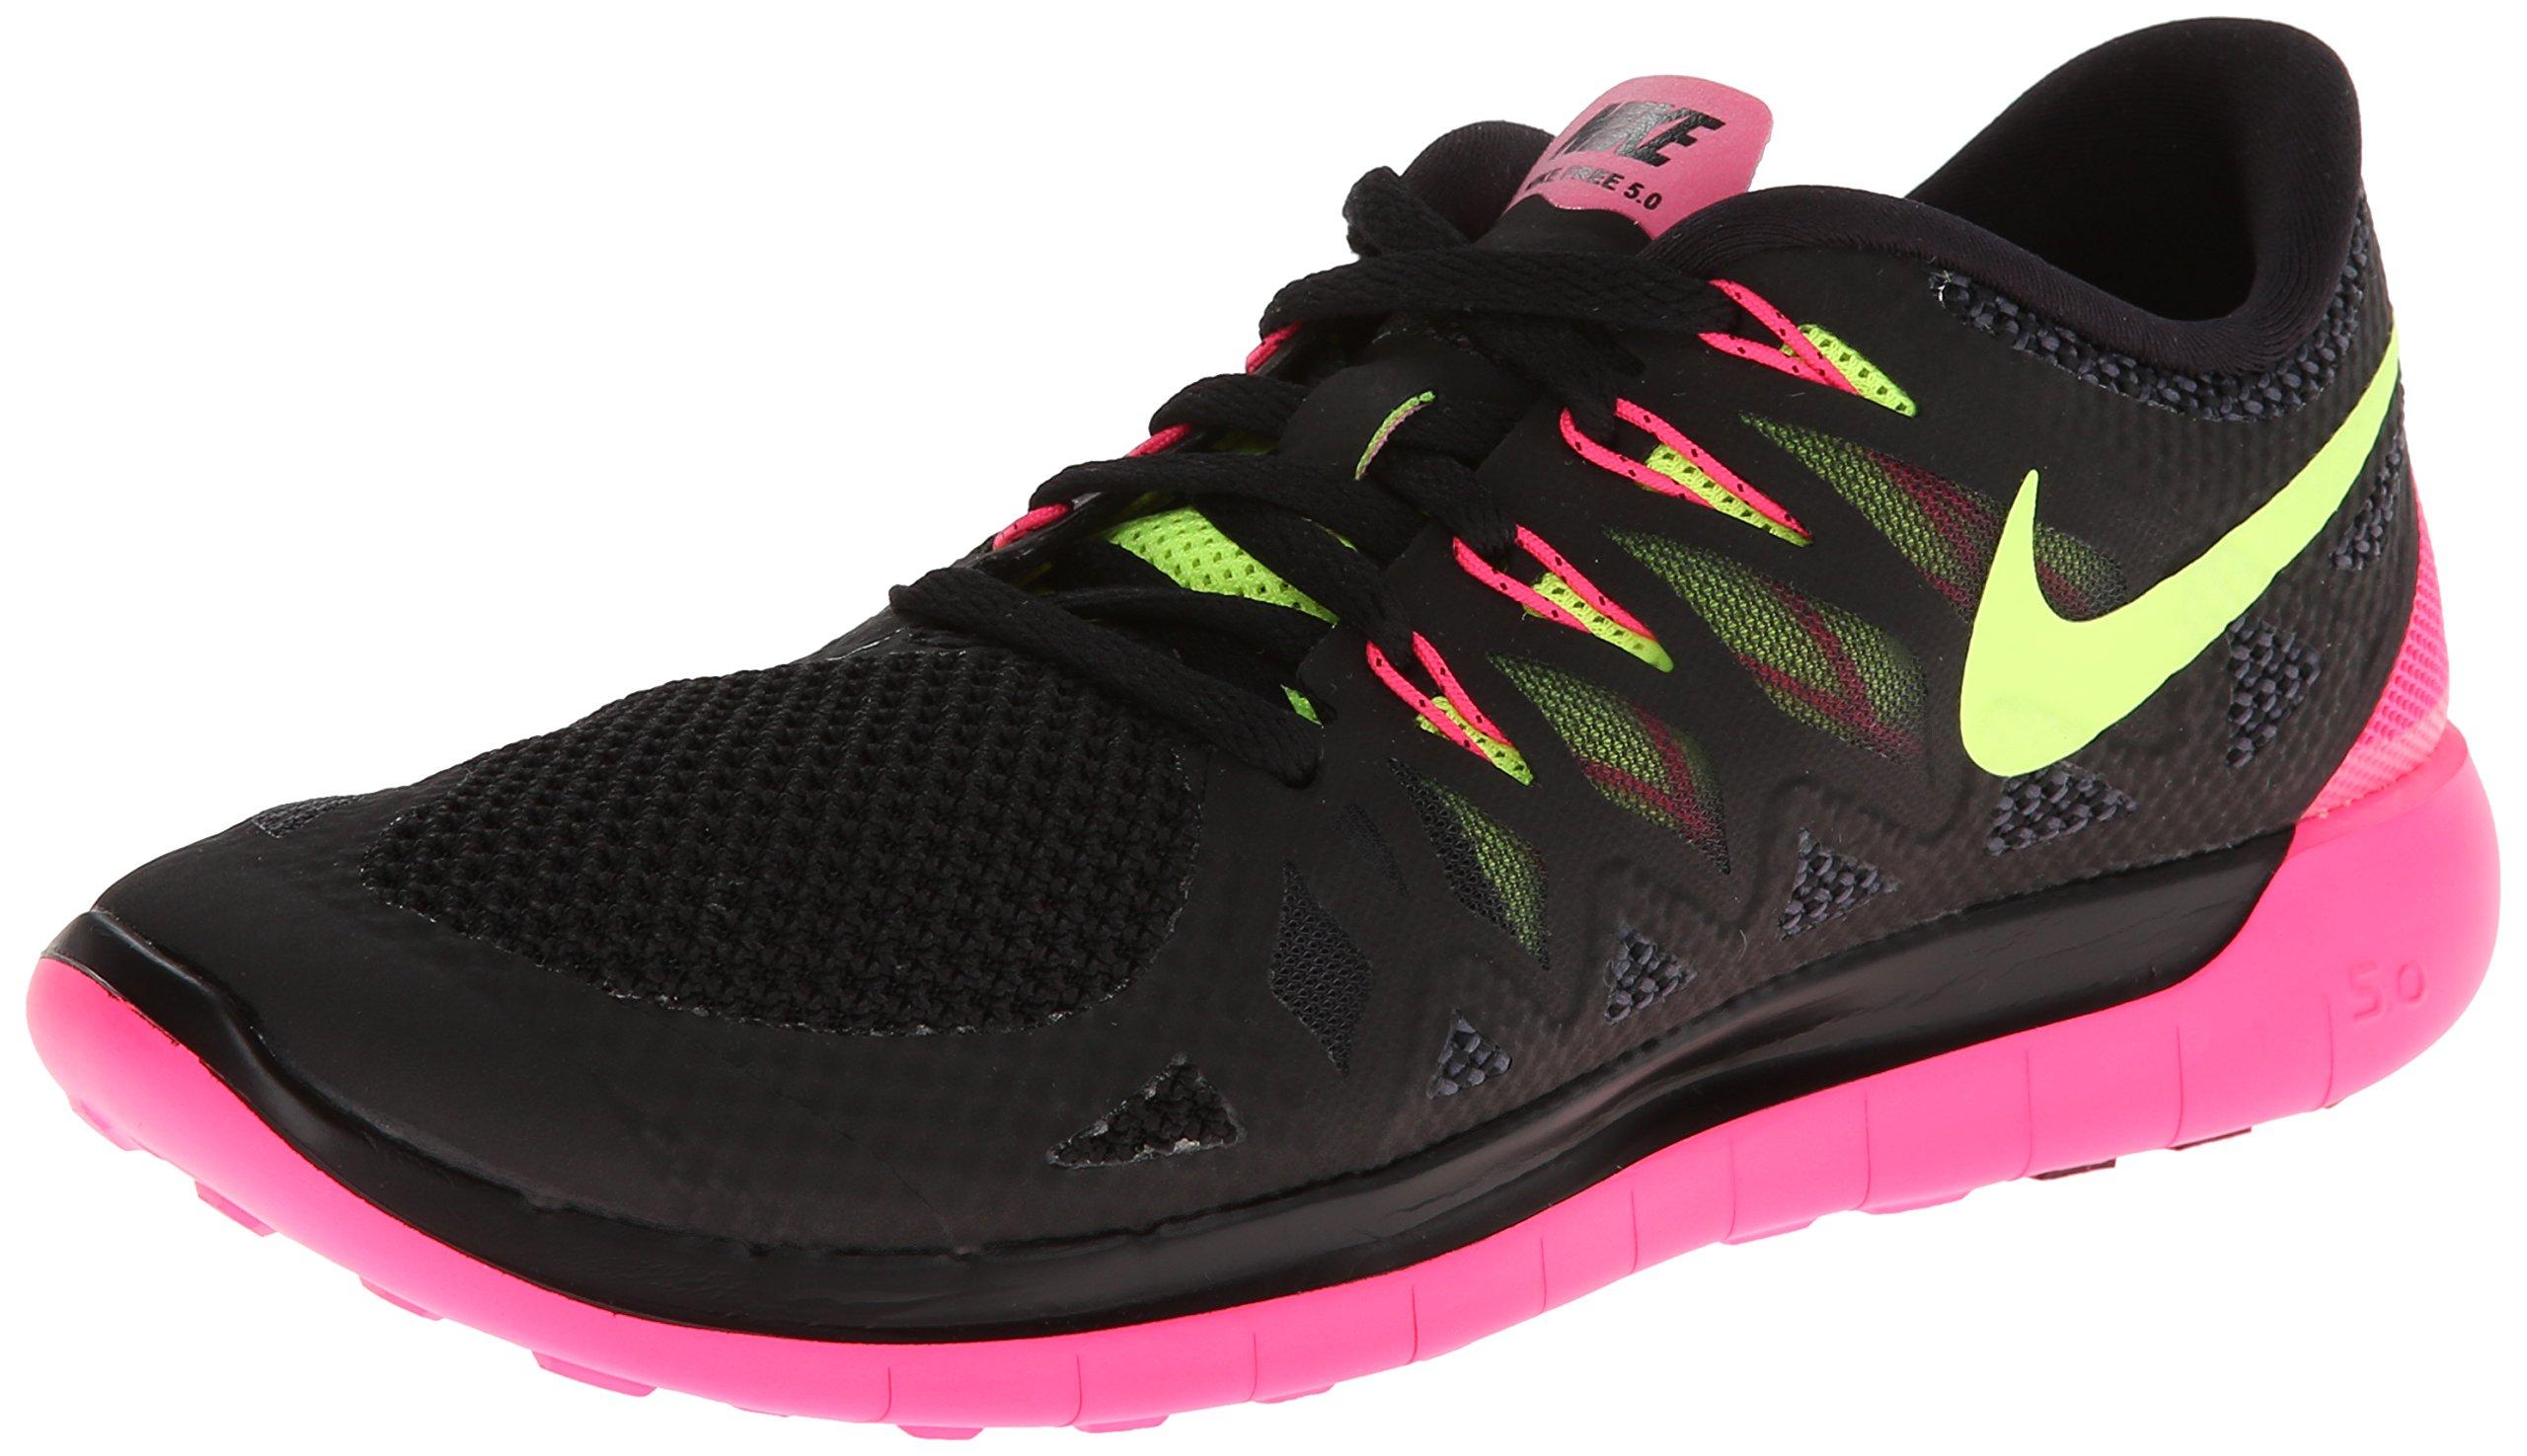 163227221b166 Galleon - Nike Free 5.0 Ladies Running Shoe